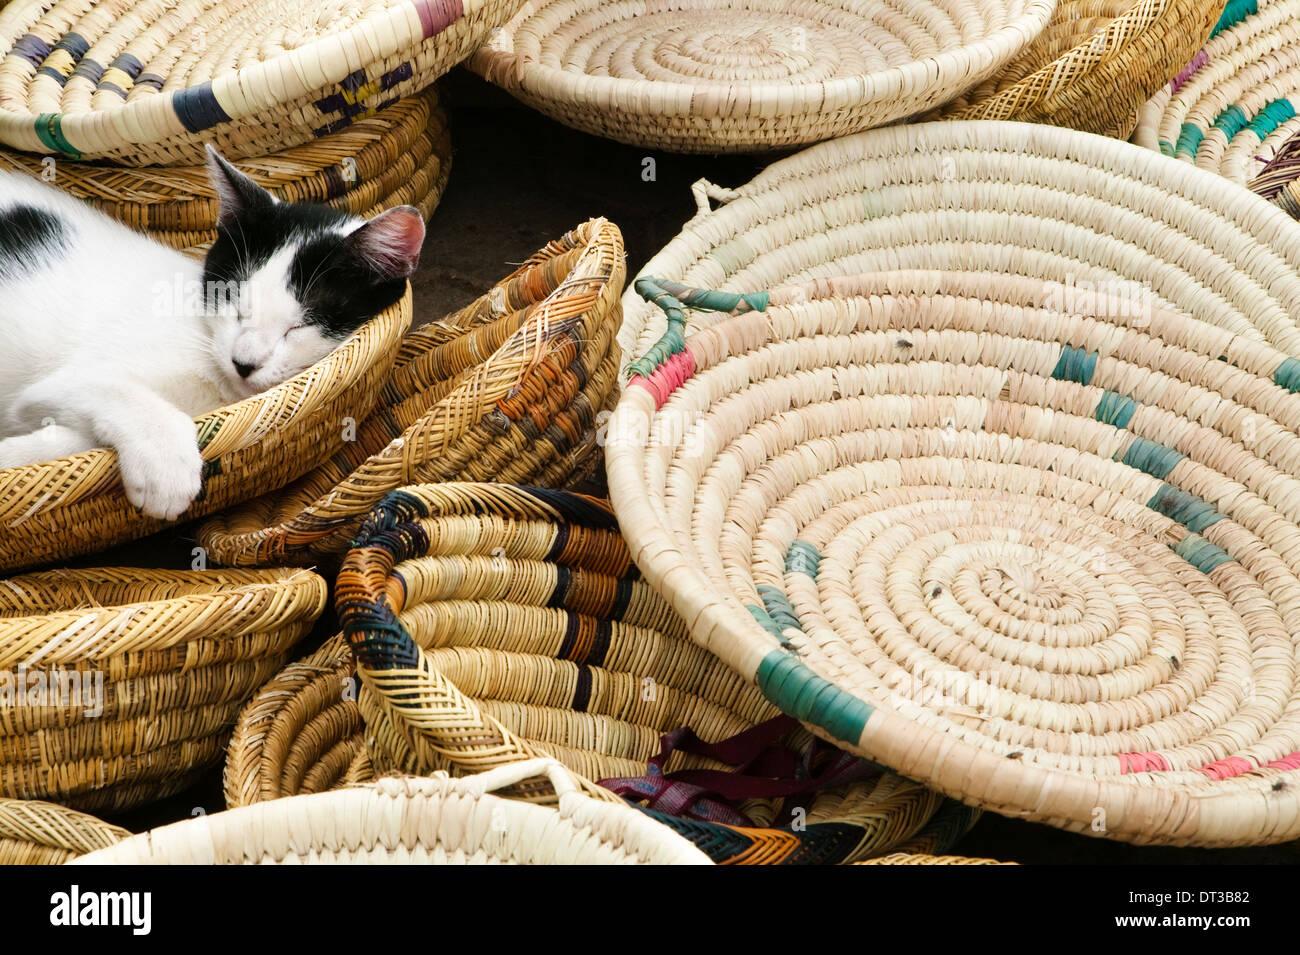 Eine Katze schläft in Körbe zum Verkauf auf dem Markt. Marokko, Afrika, Cat, Felis catus Stockbild